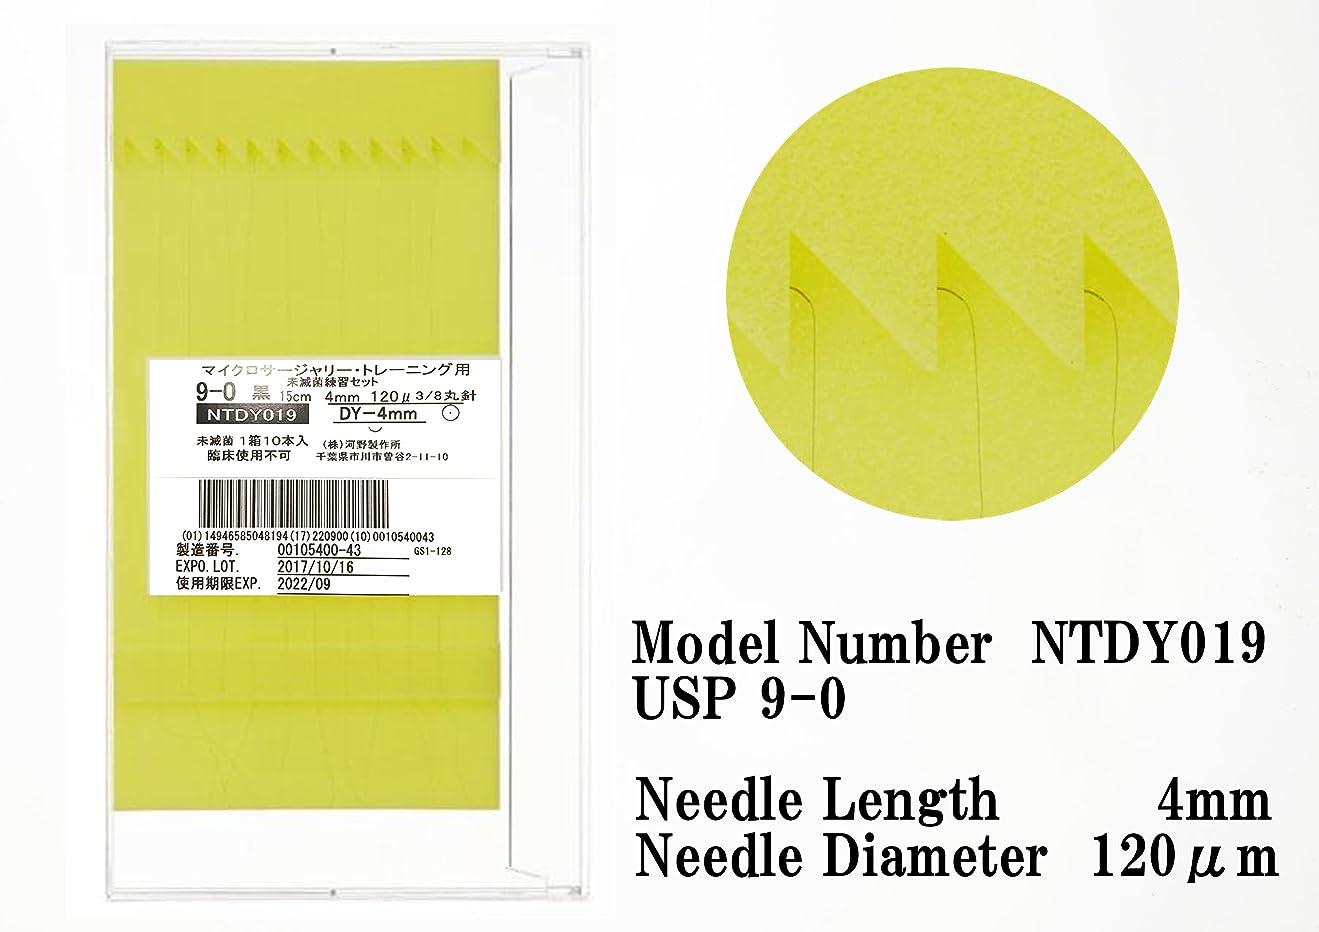 代替宝壁紙CROWNJUN 練習用 未滅菌 マイクロサージャリー用ナイロン 針付縫合糸 9-0 NTDY019